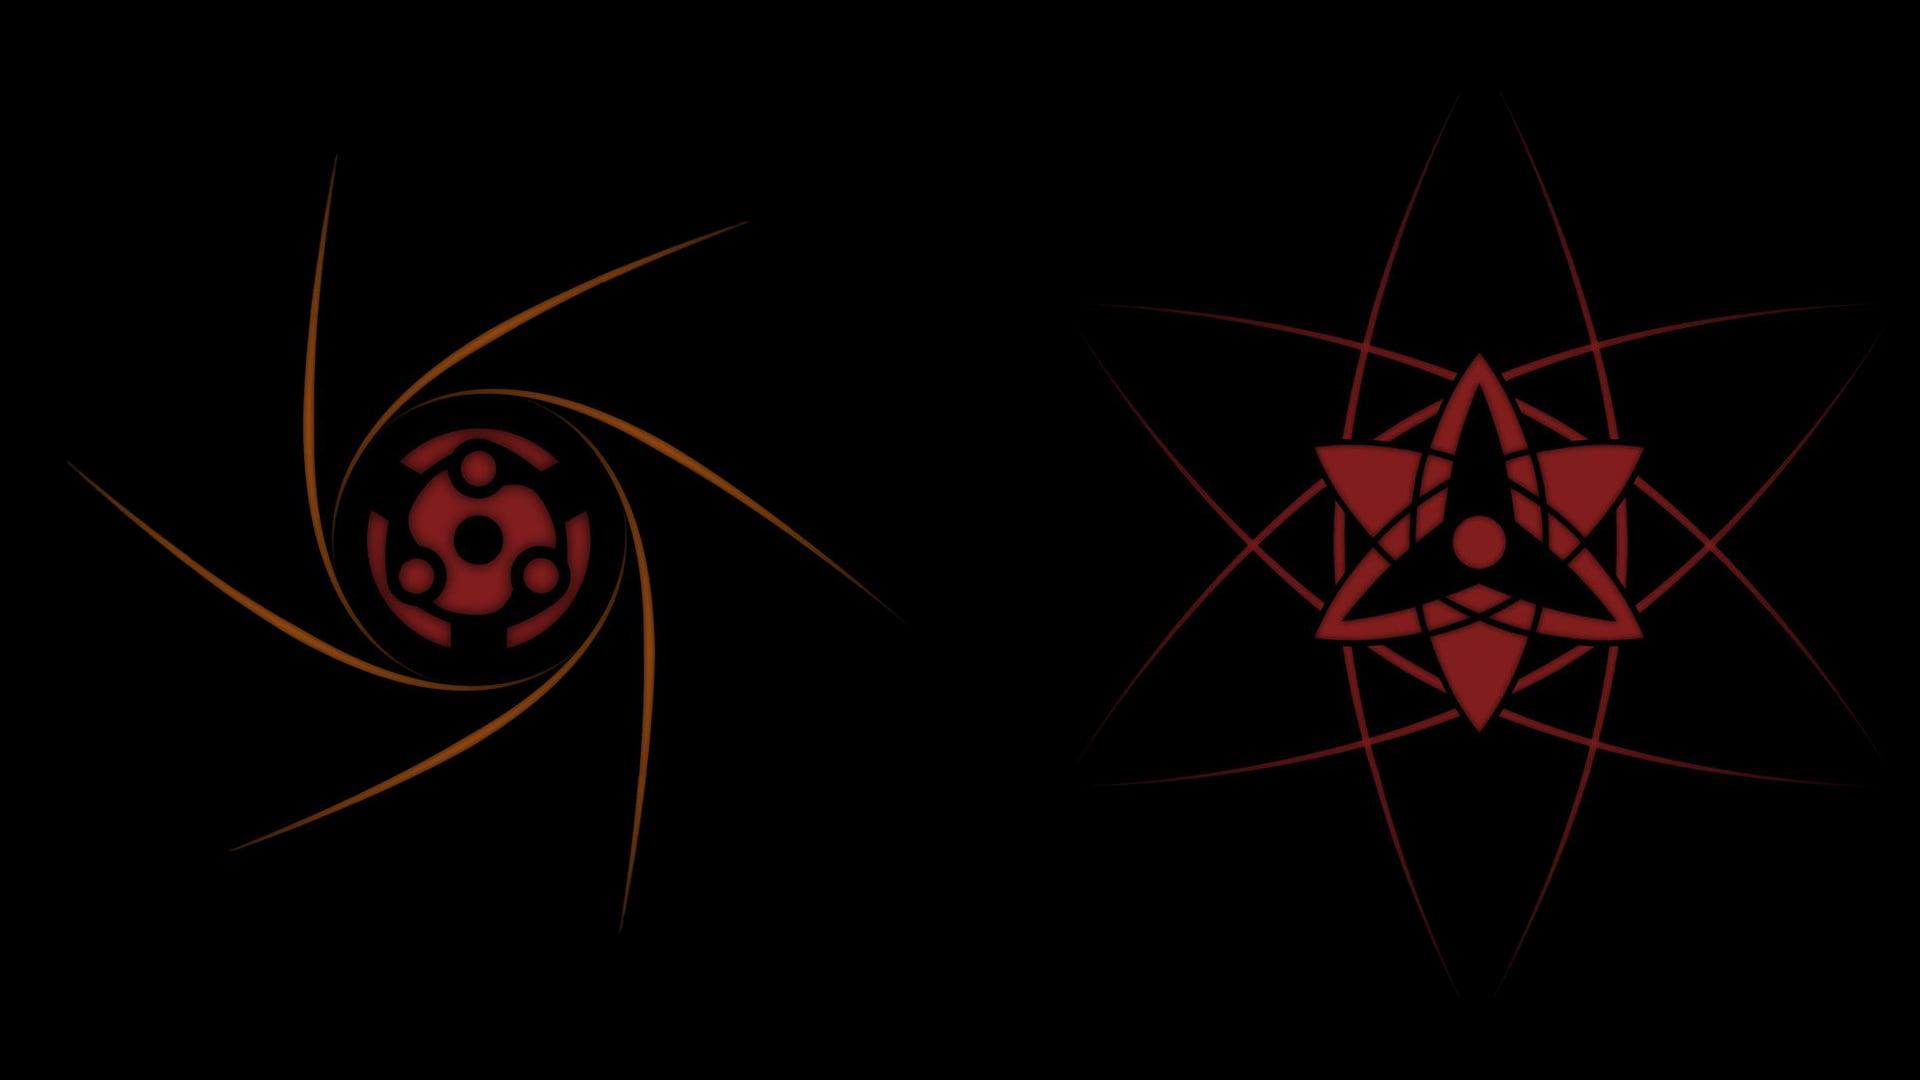 Sharingan Live Wallpaper Iphone X Naruto Wallpapers Hd Sharingan Impremedia Net